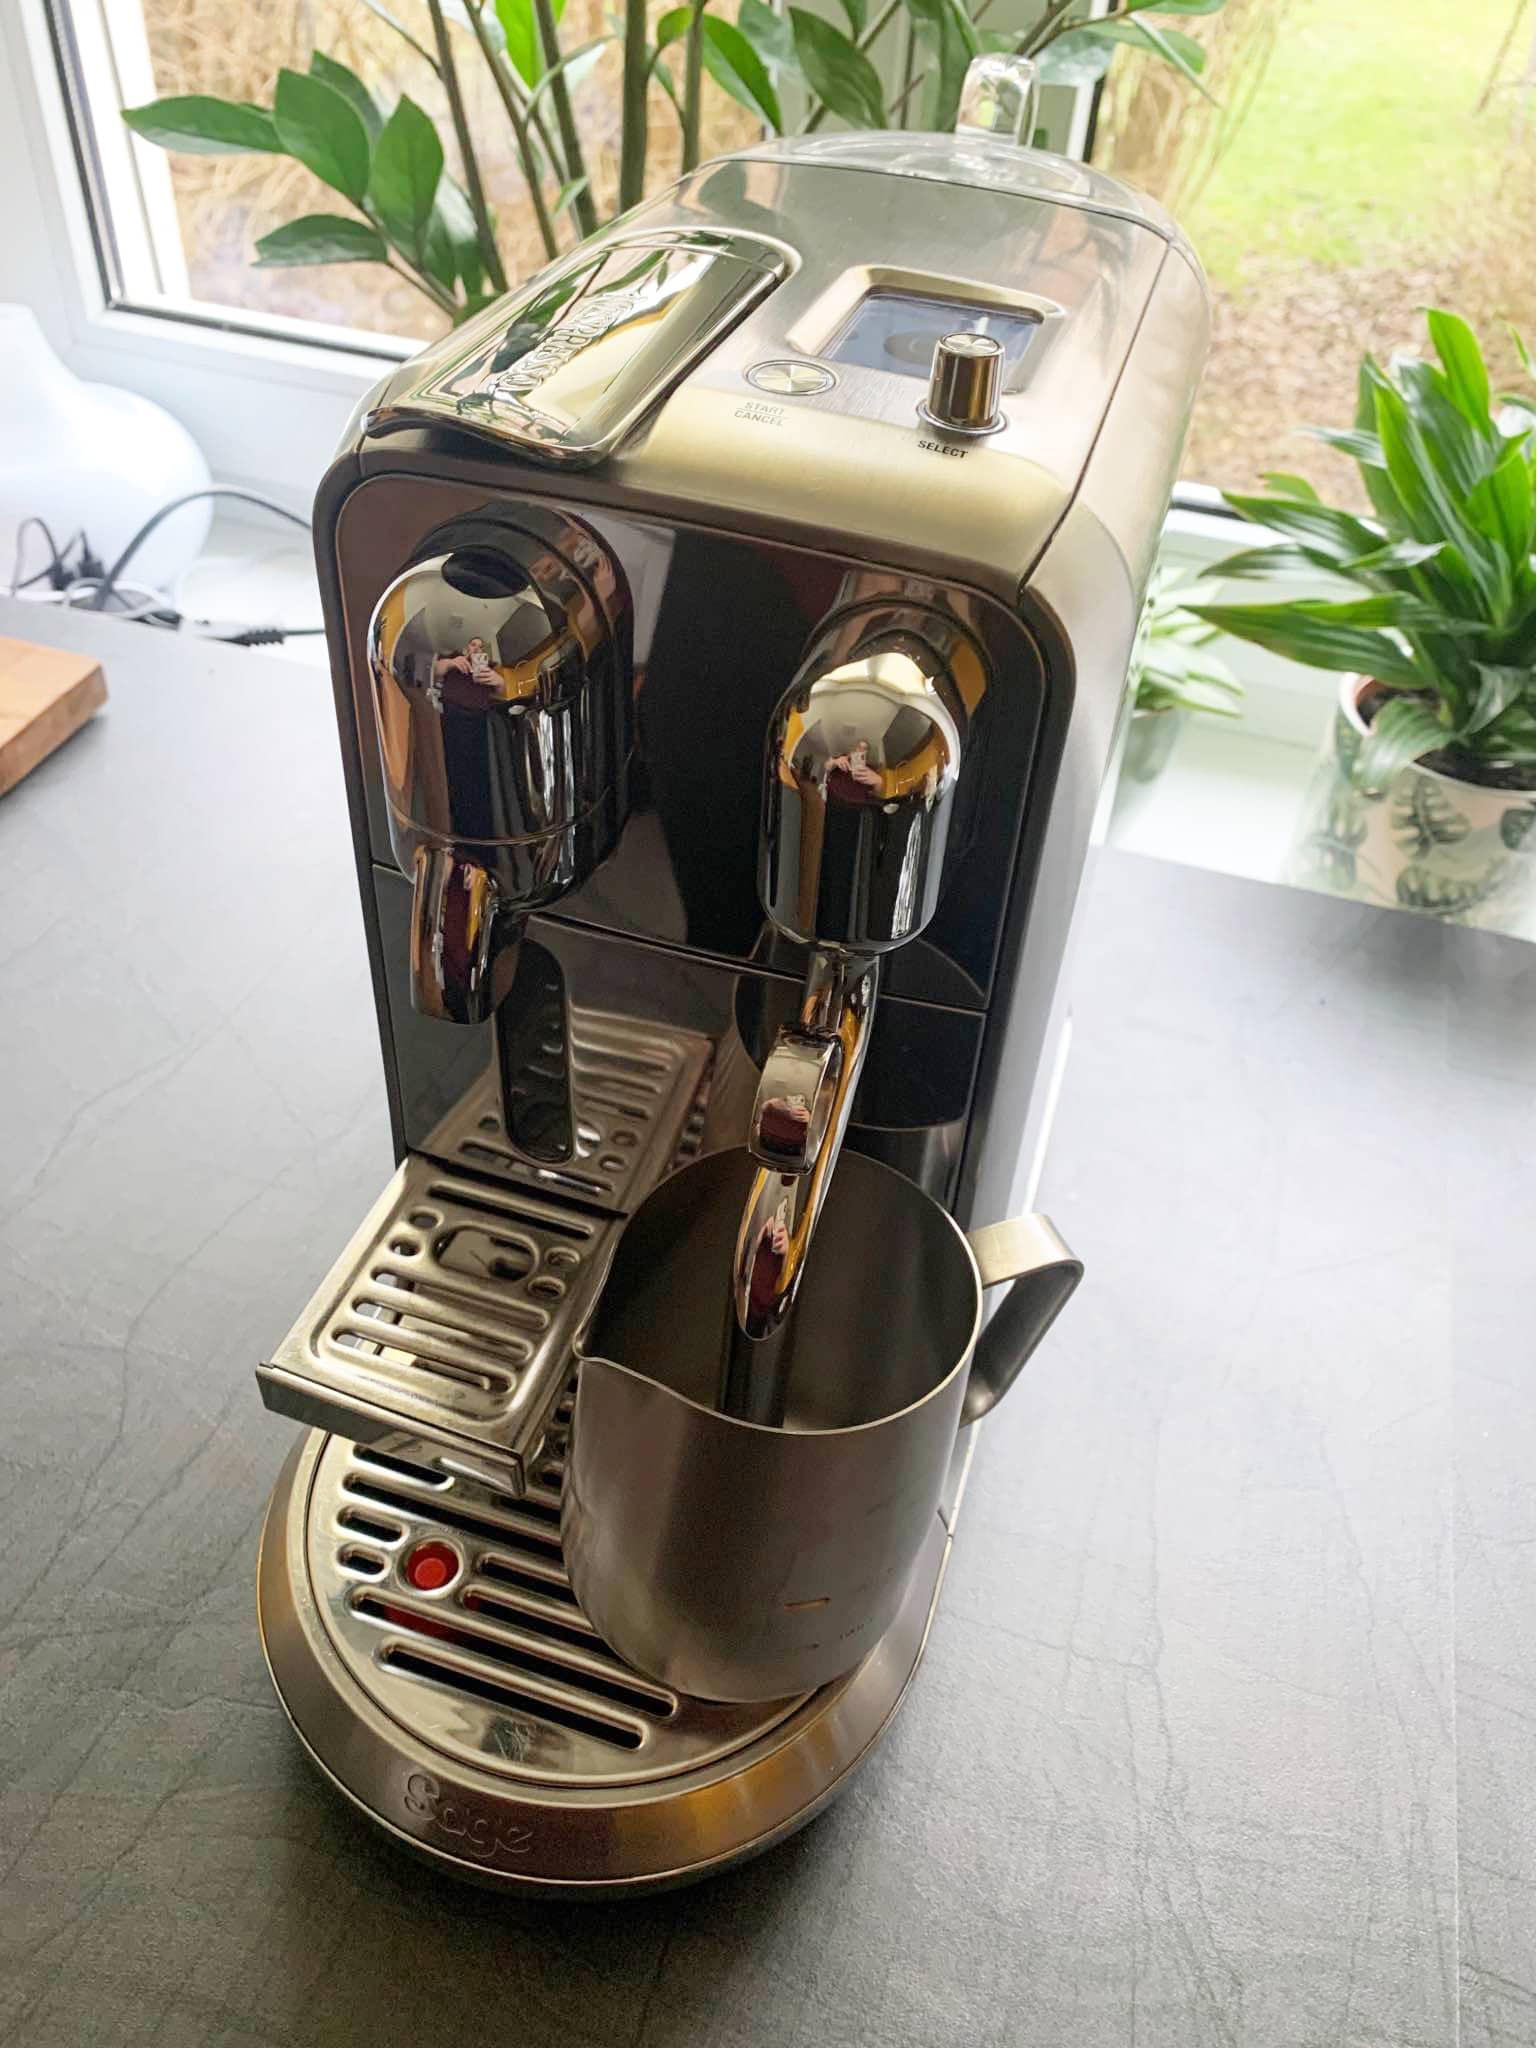 Breville Nespresso Creatista Plus Milk Temperature Settings